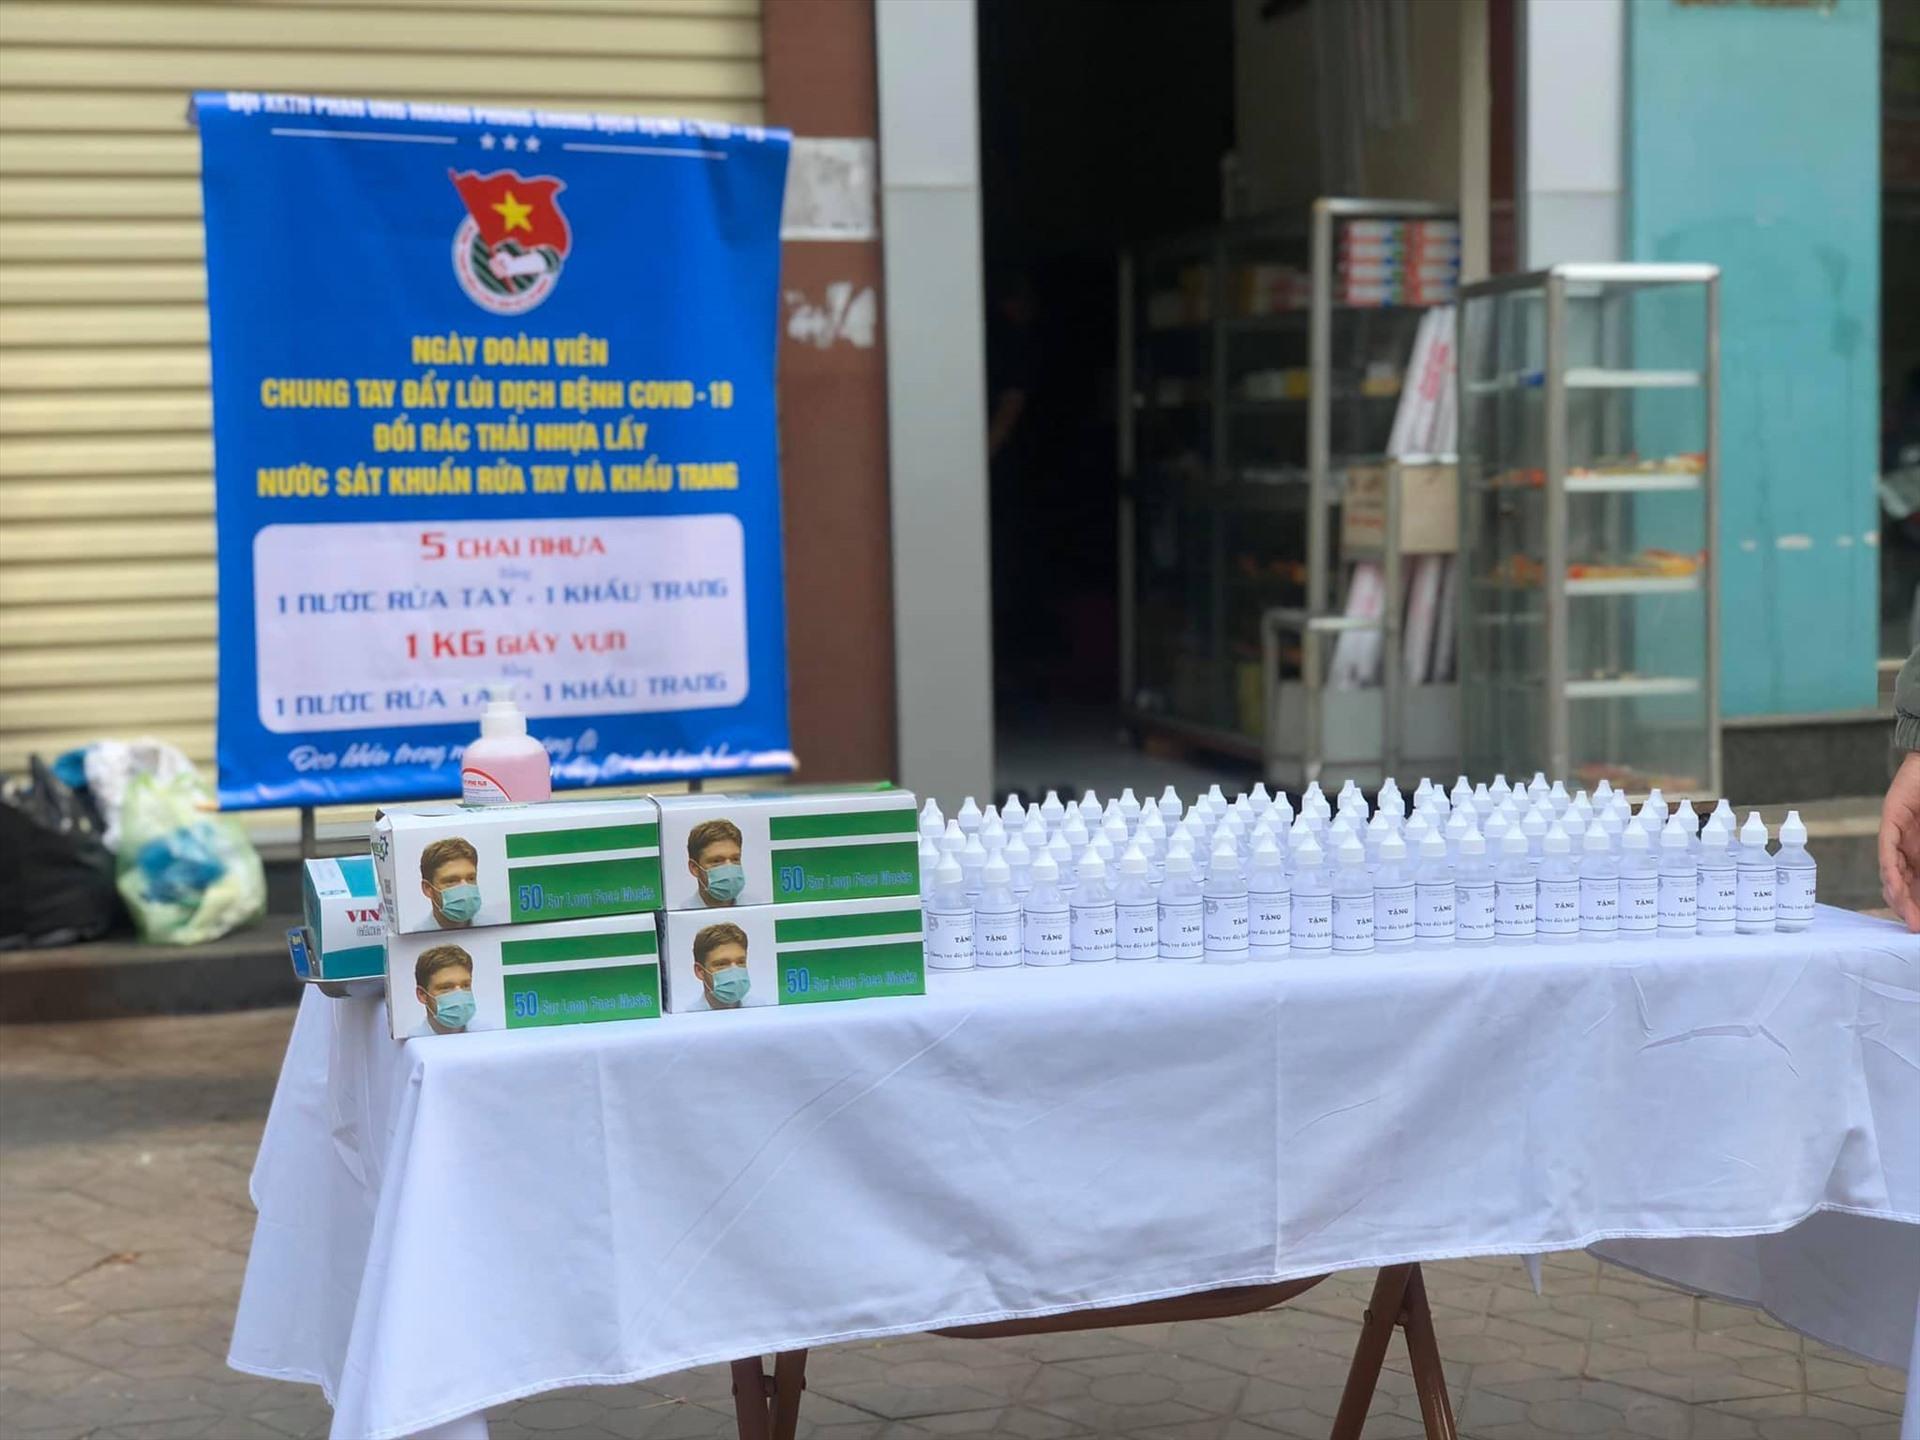 Hơn 300 nước rửa tay khô, khẩu trang được trao tại chương trình.